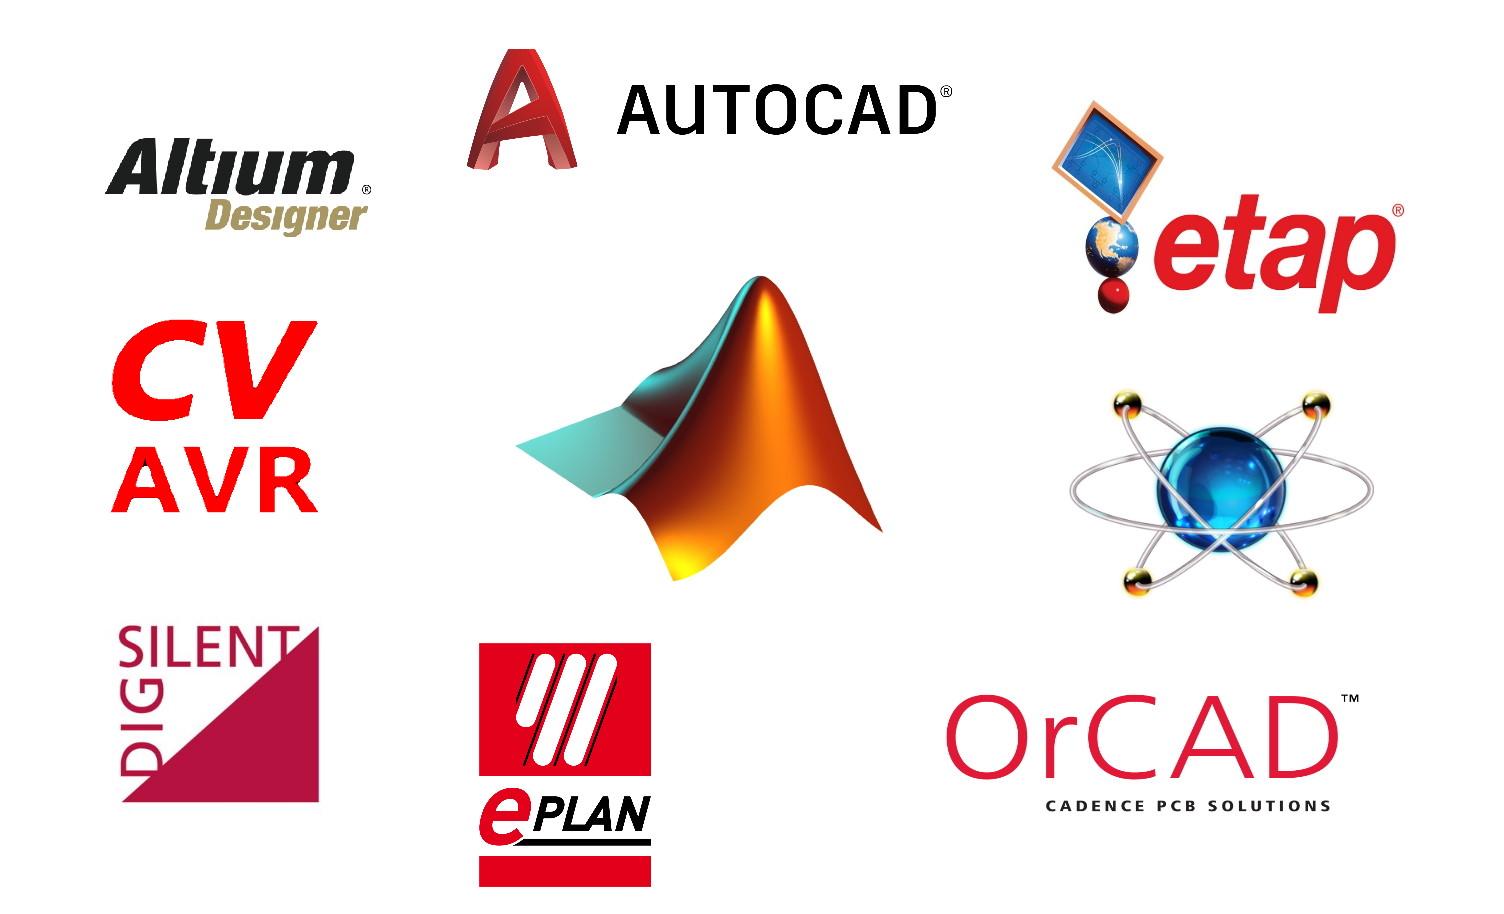 نرم افزارهای مهندسی برق | معرفی مهارت های نرم افزاری ضروری + فیلم های آموزشی